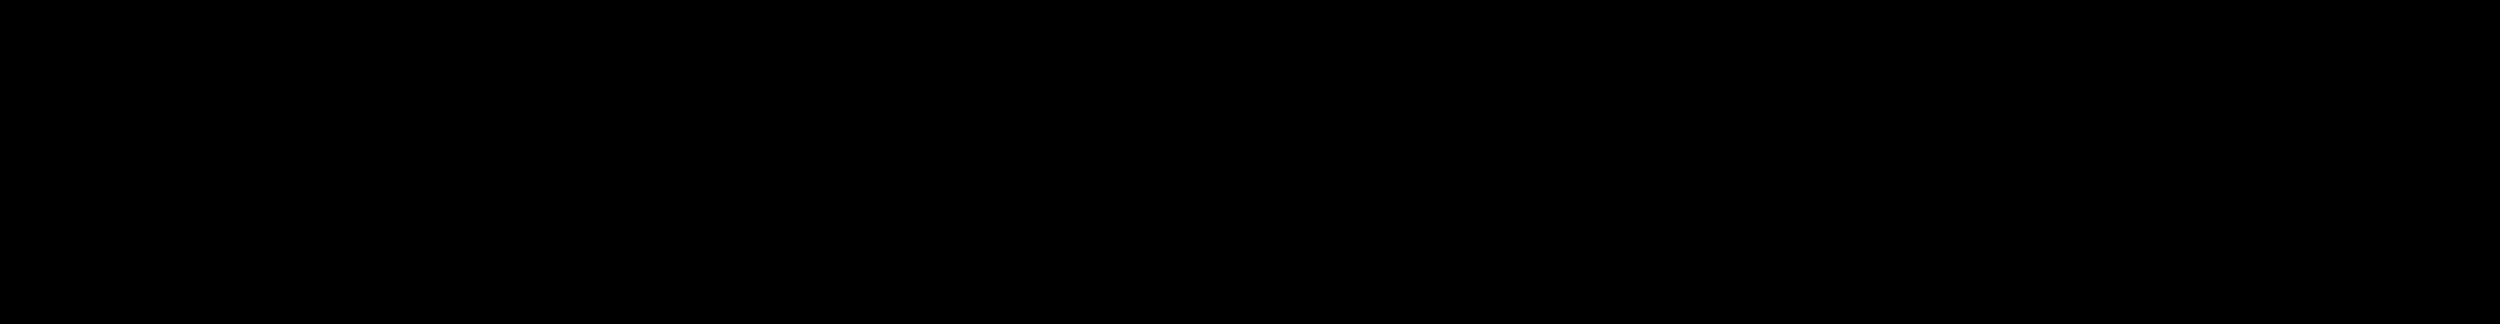 powertech-propellers-logo2 (1).png